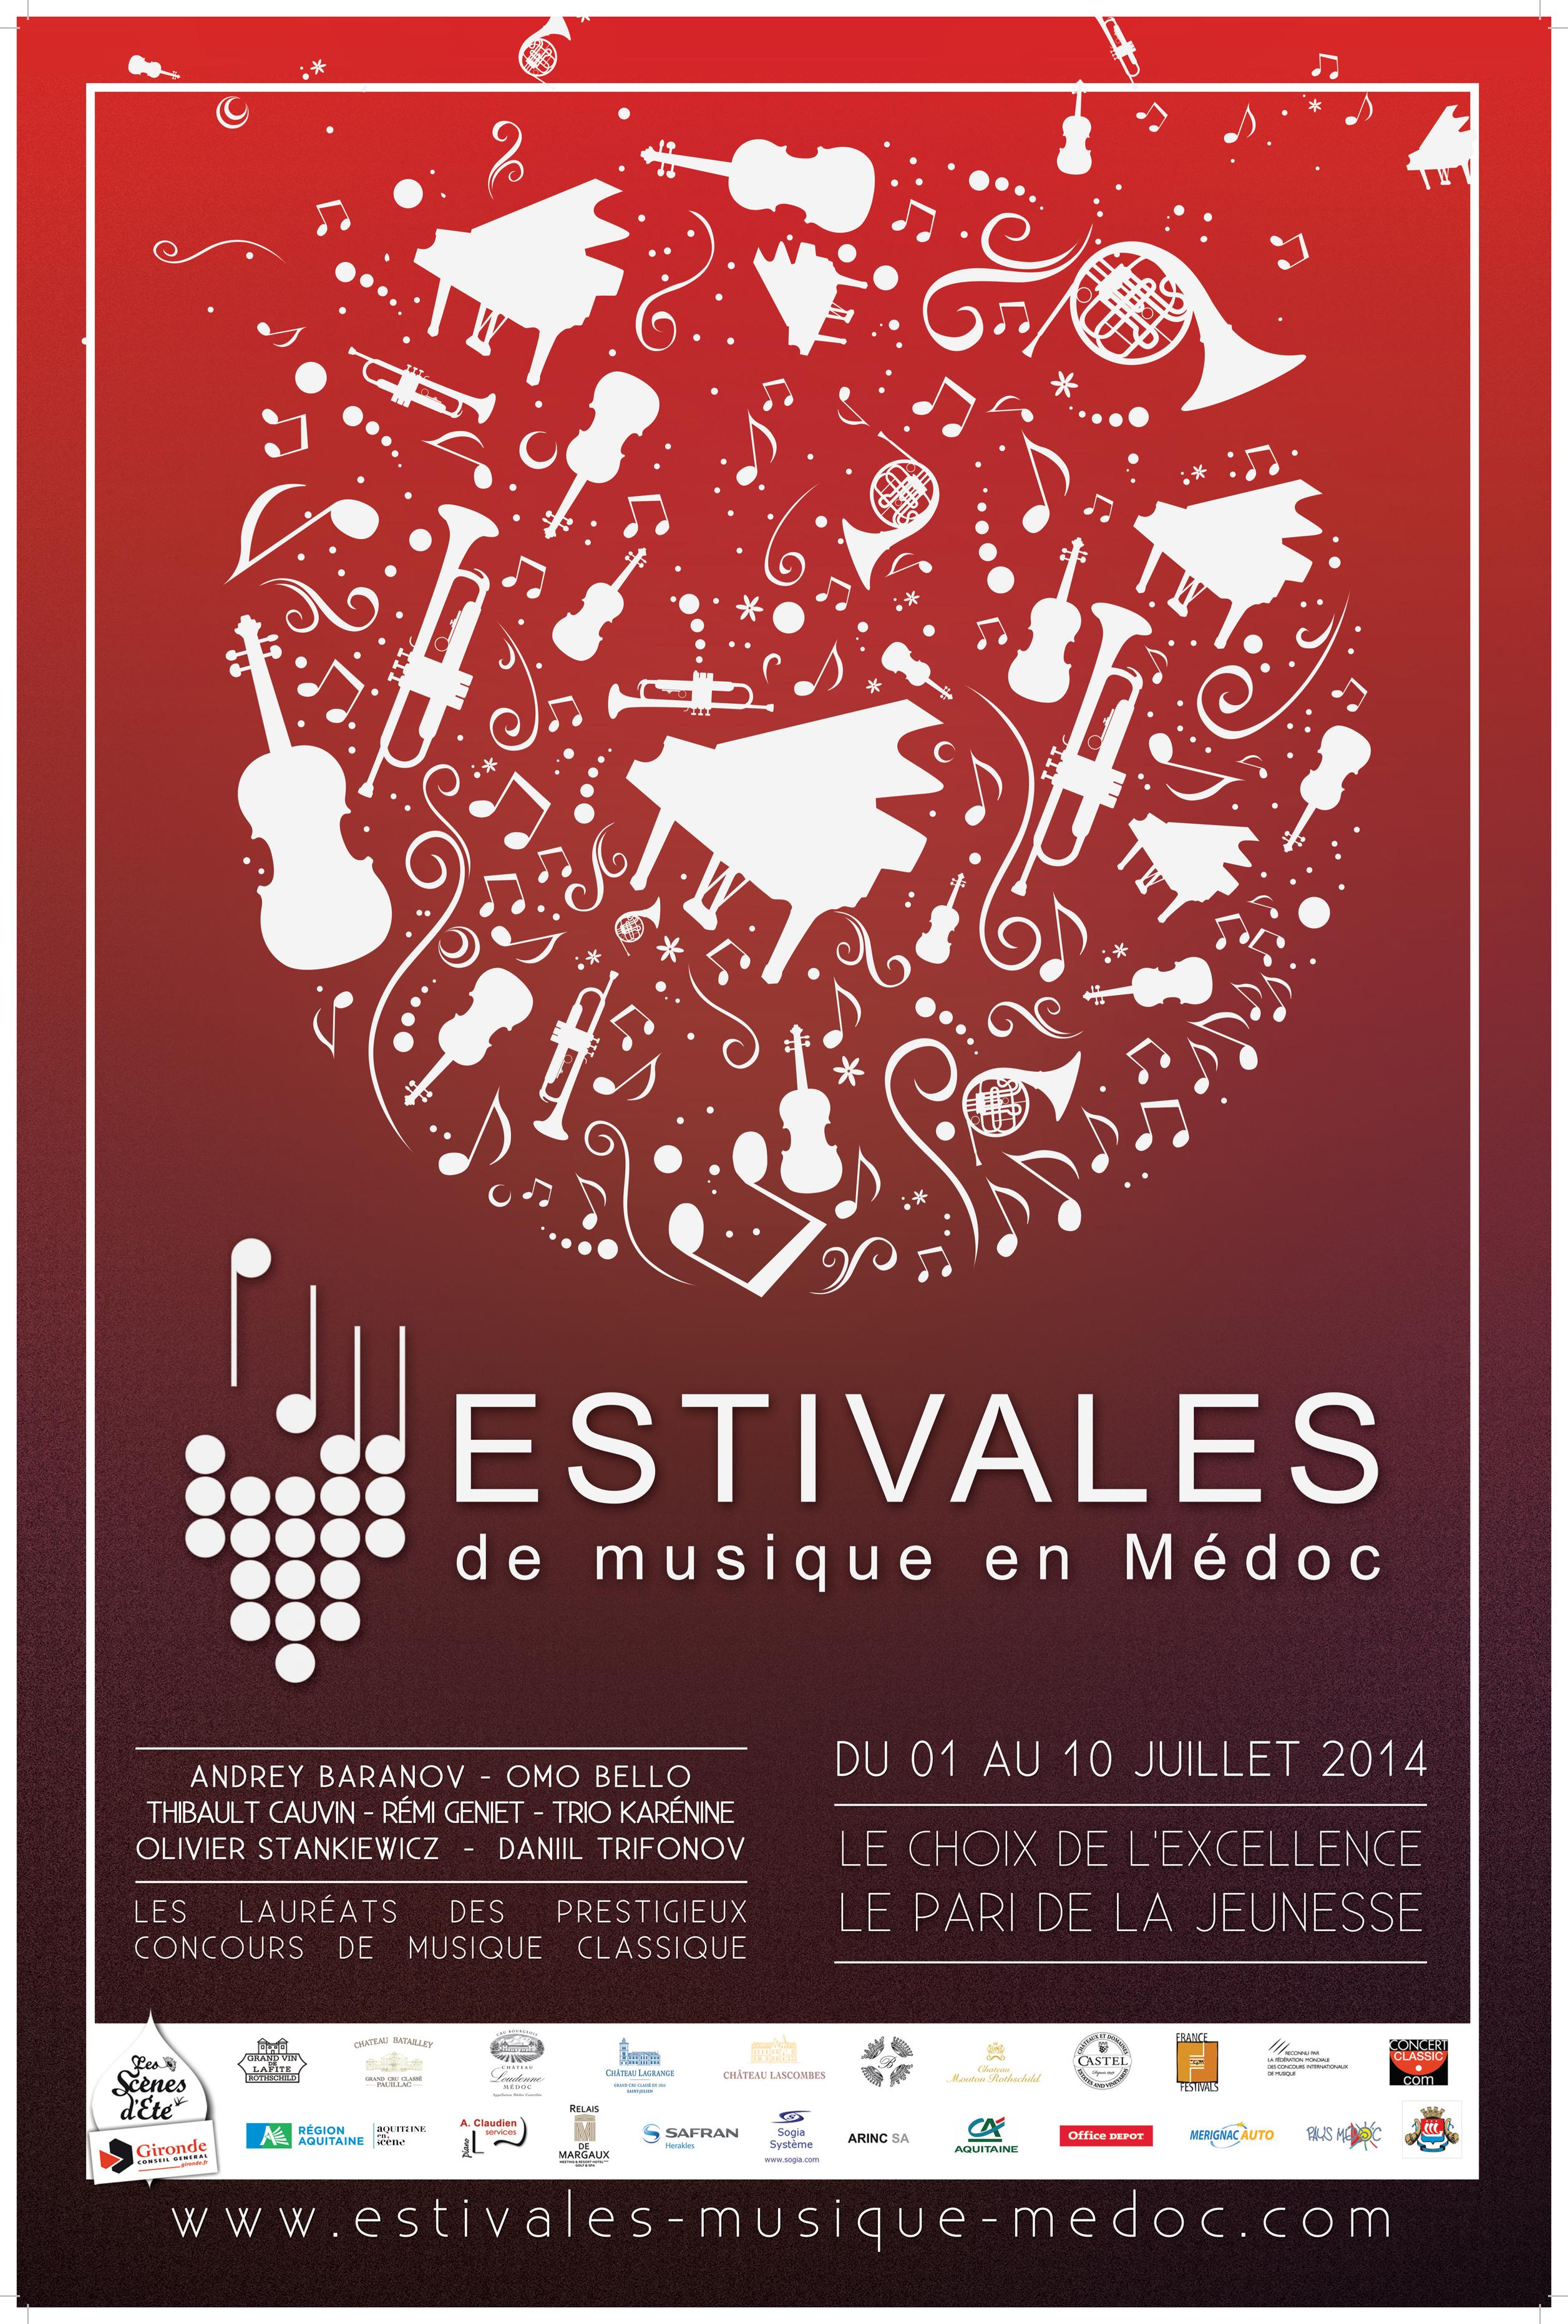 Estivales de musique en Médoc du 1er au 10 juillet 2015